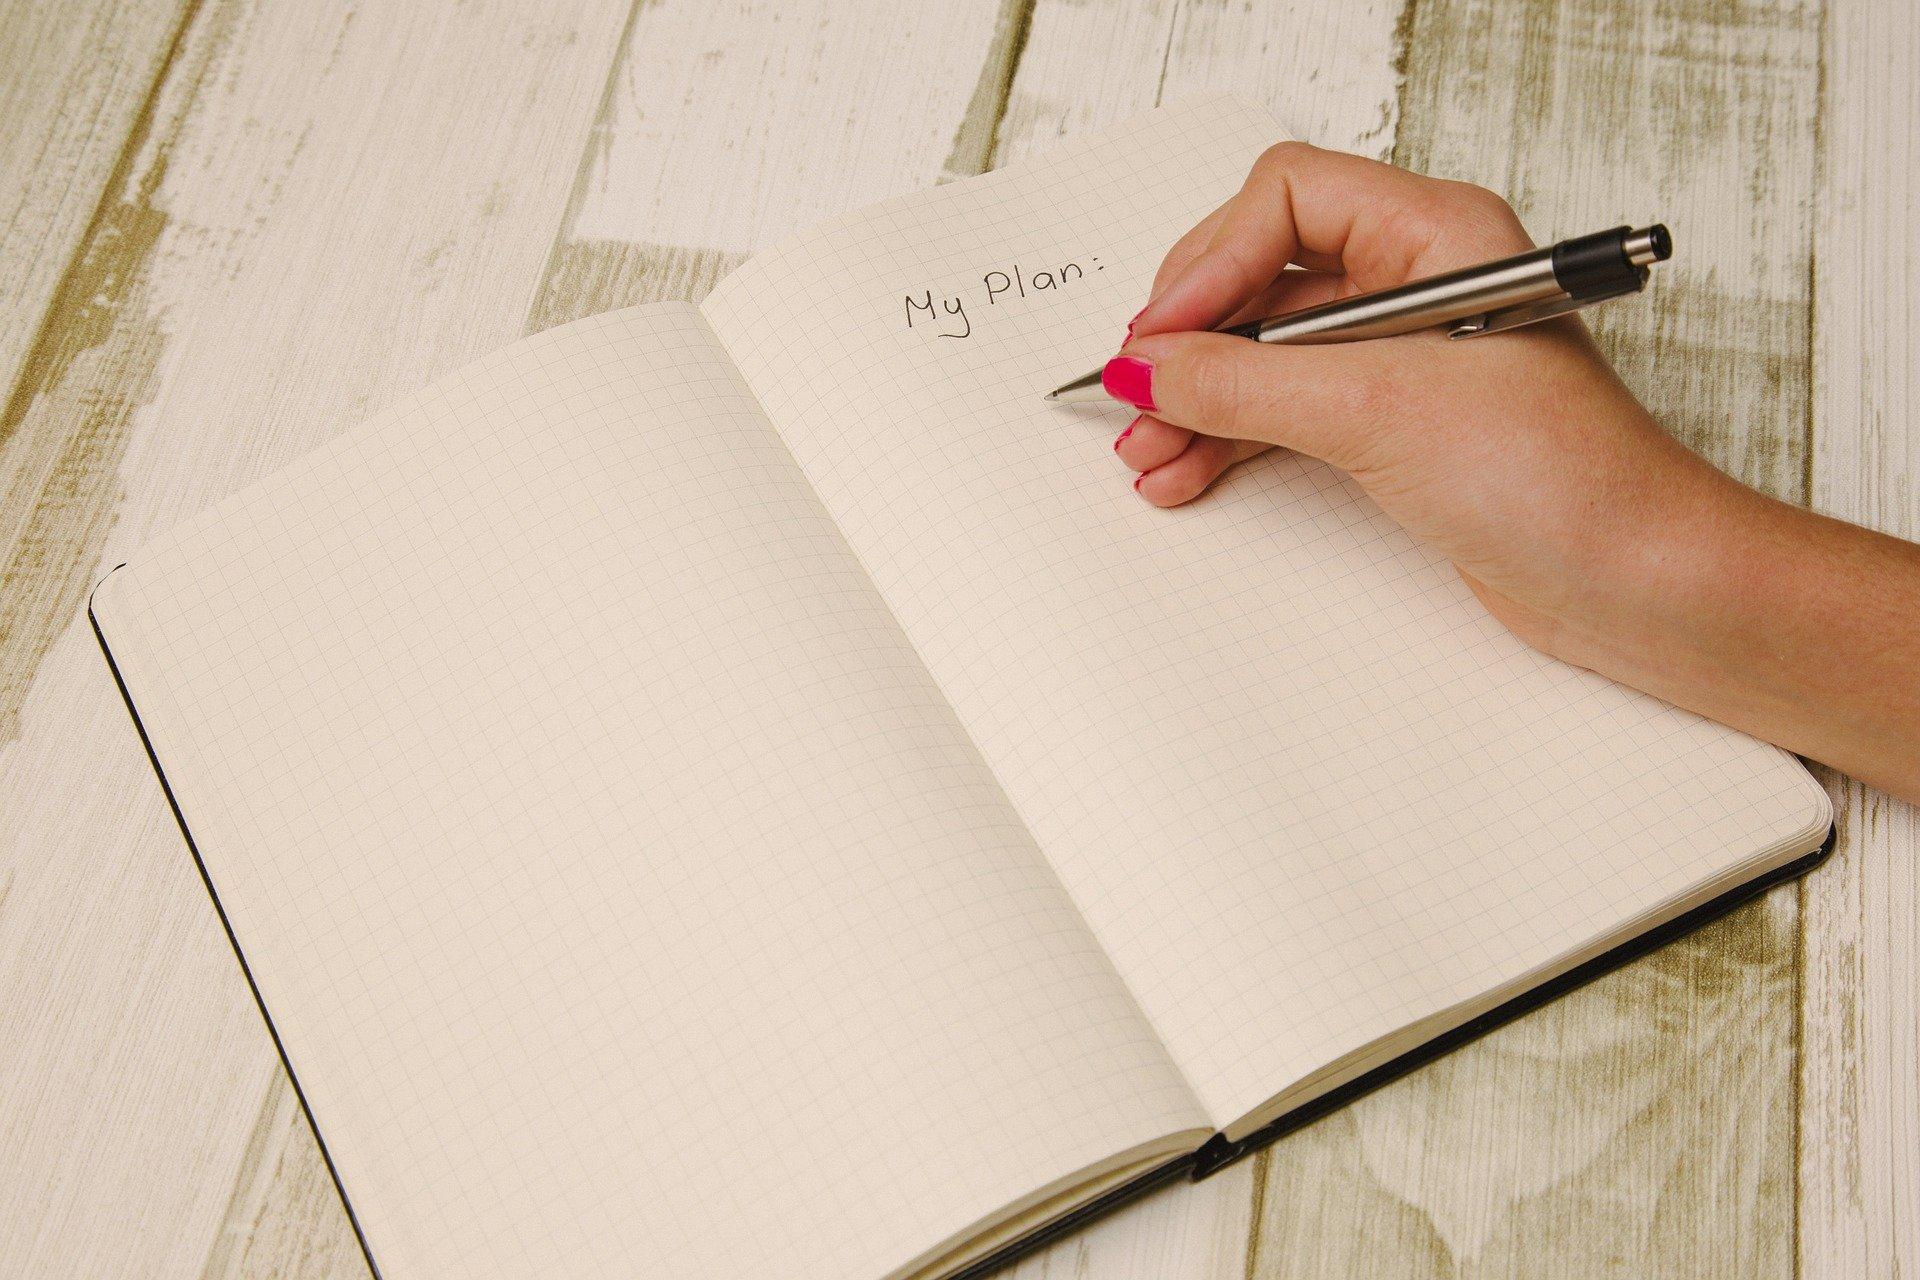 Imagem de uma mão escrevendo PLAN em um caderno. Imagem ilustrativa texto como montar uma empresa.